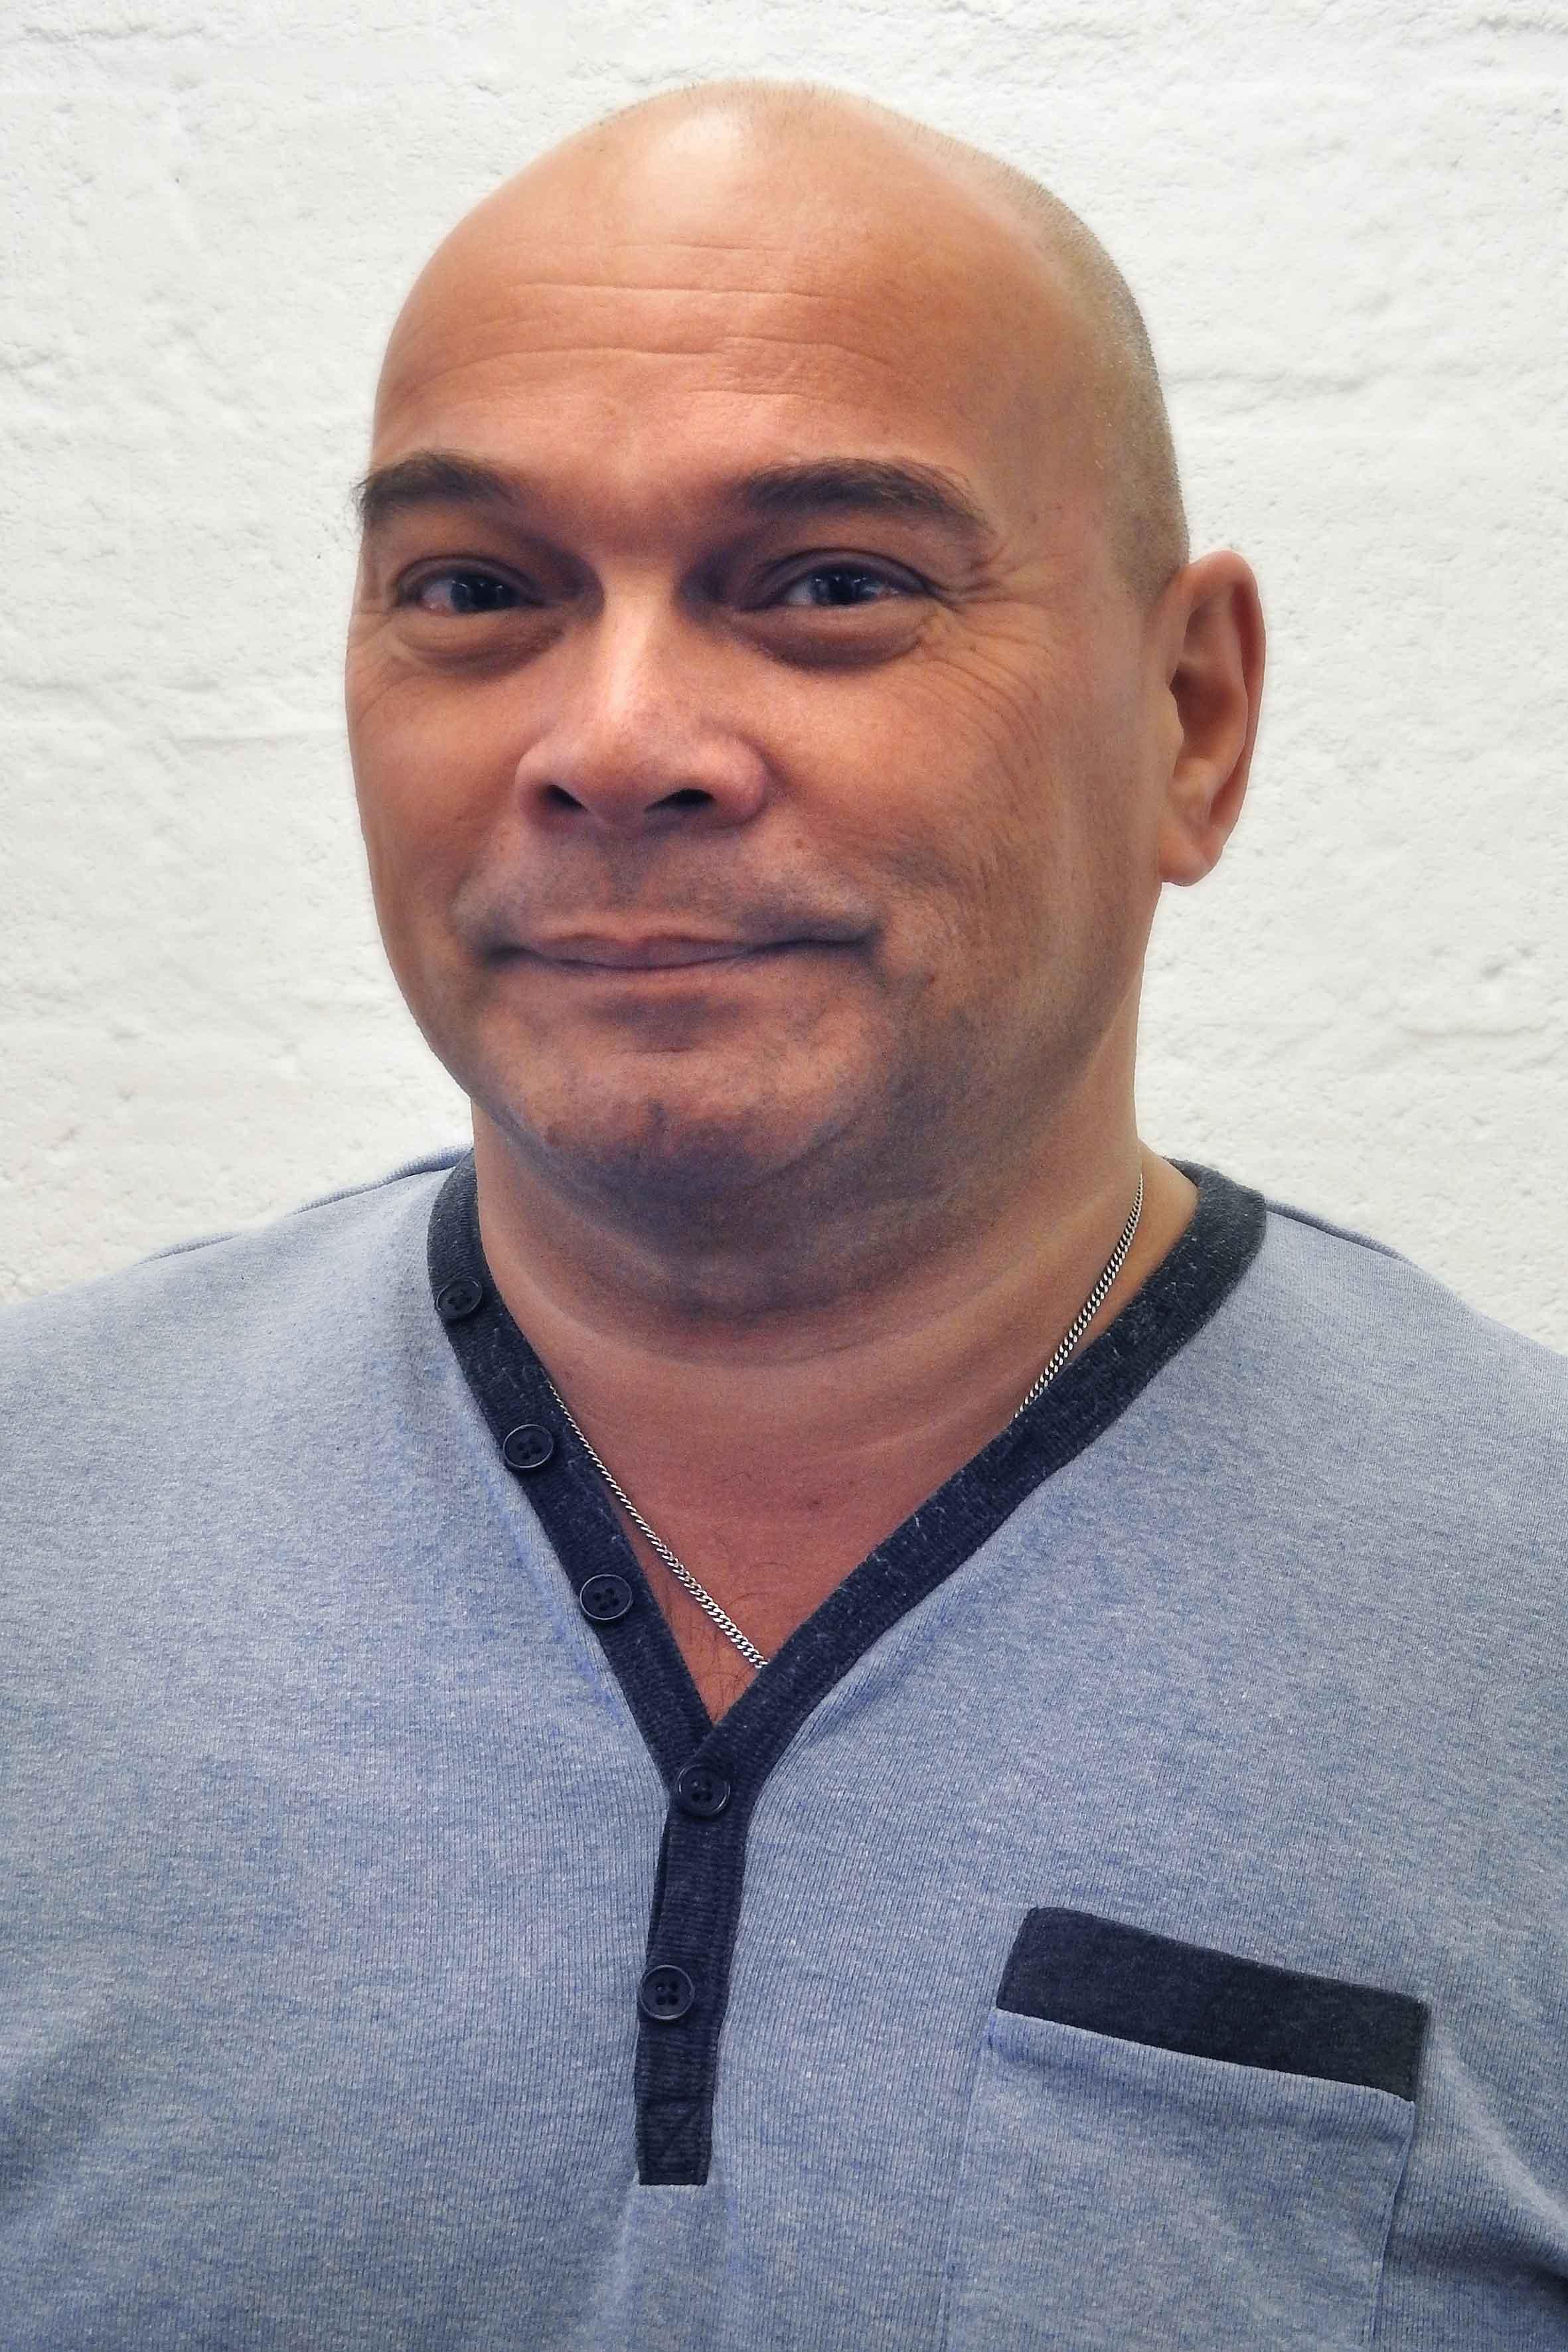 Reggie Jansen